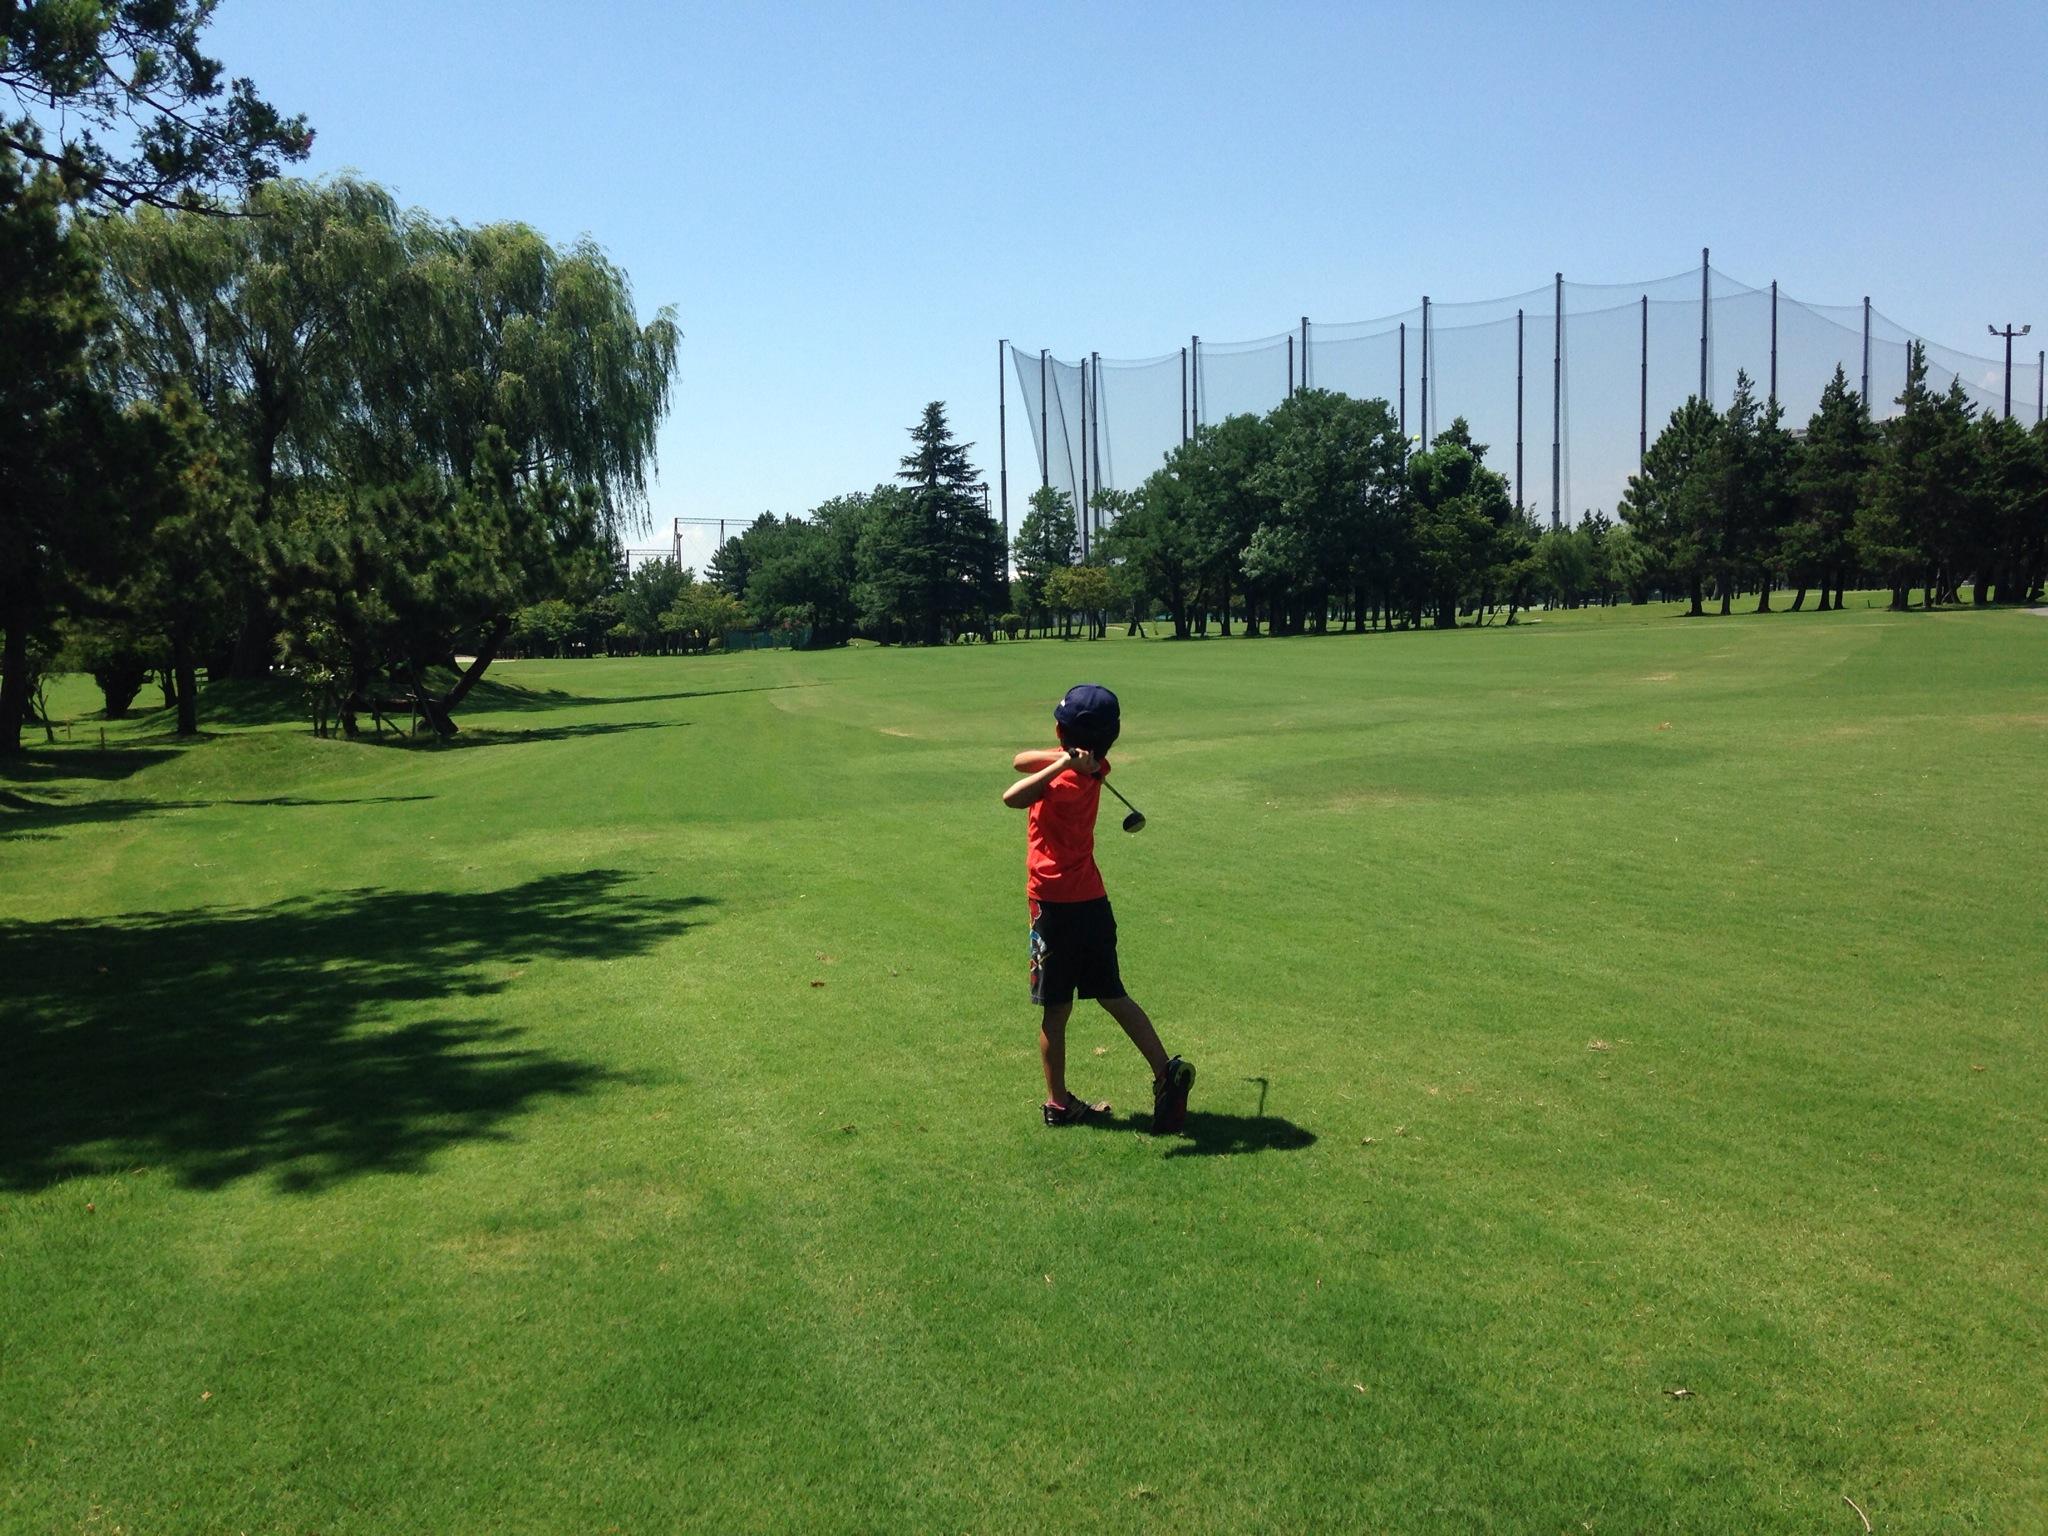 東宝調布スポーツパーク、夏割のお得プランでドライバーも打てるショートコースを親子ラウンド!